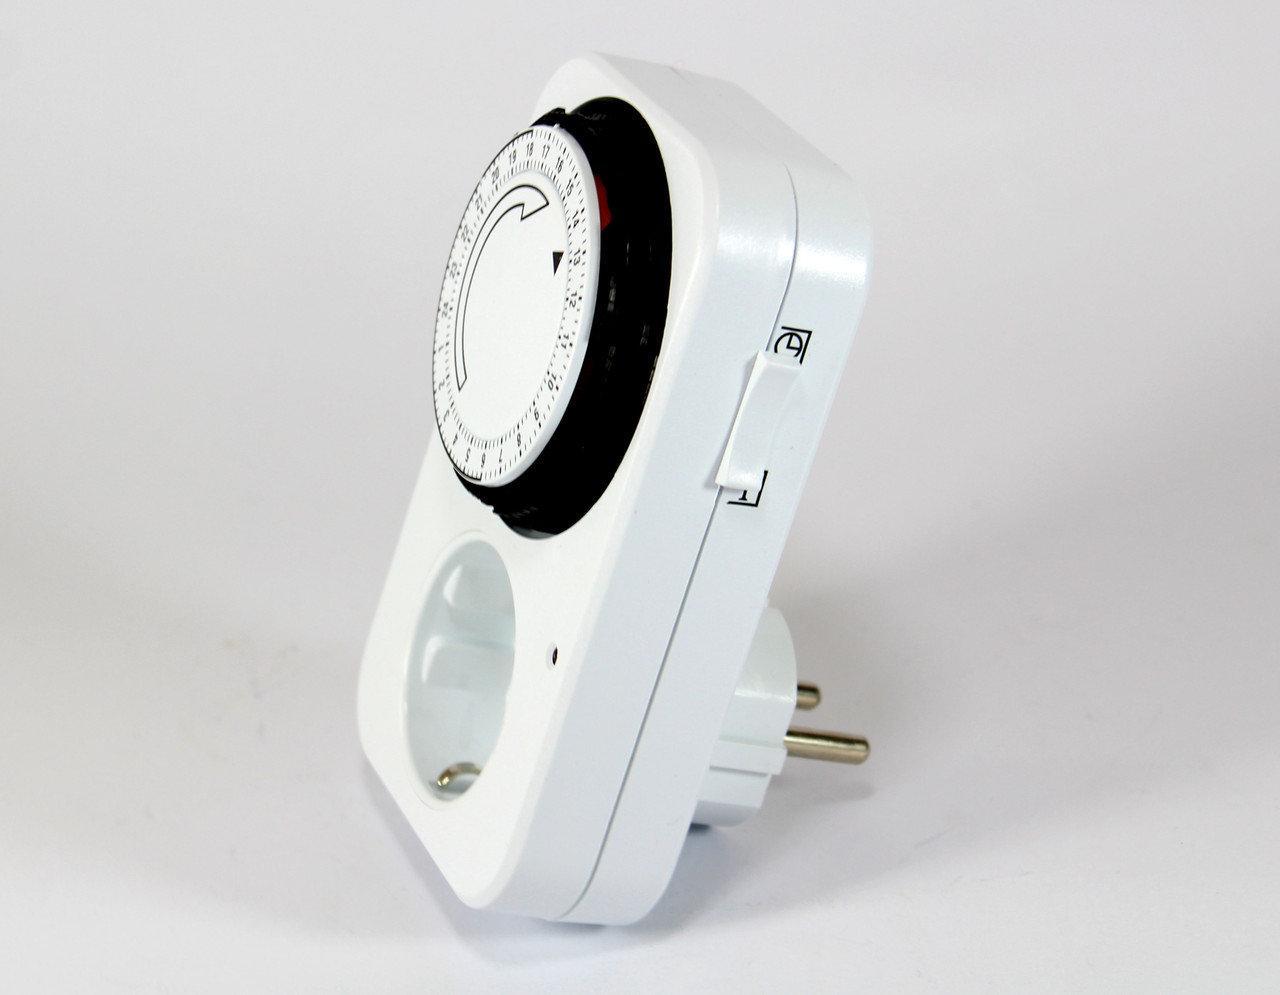 Таймер-розетка электромеханический суточный Programmer Timer TG-14A